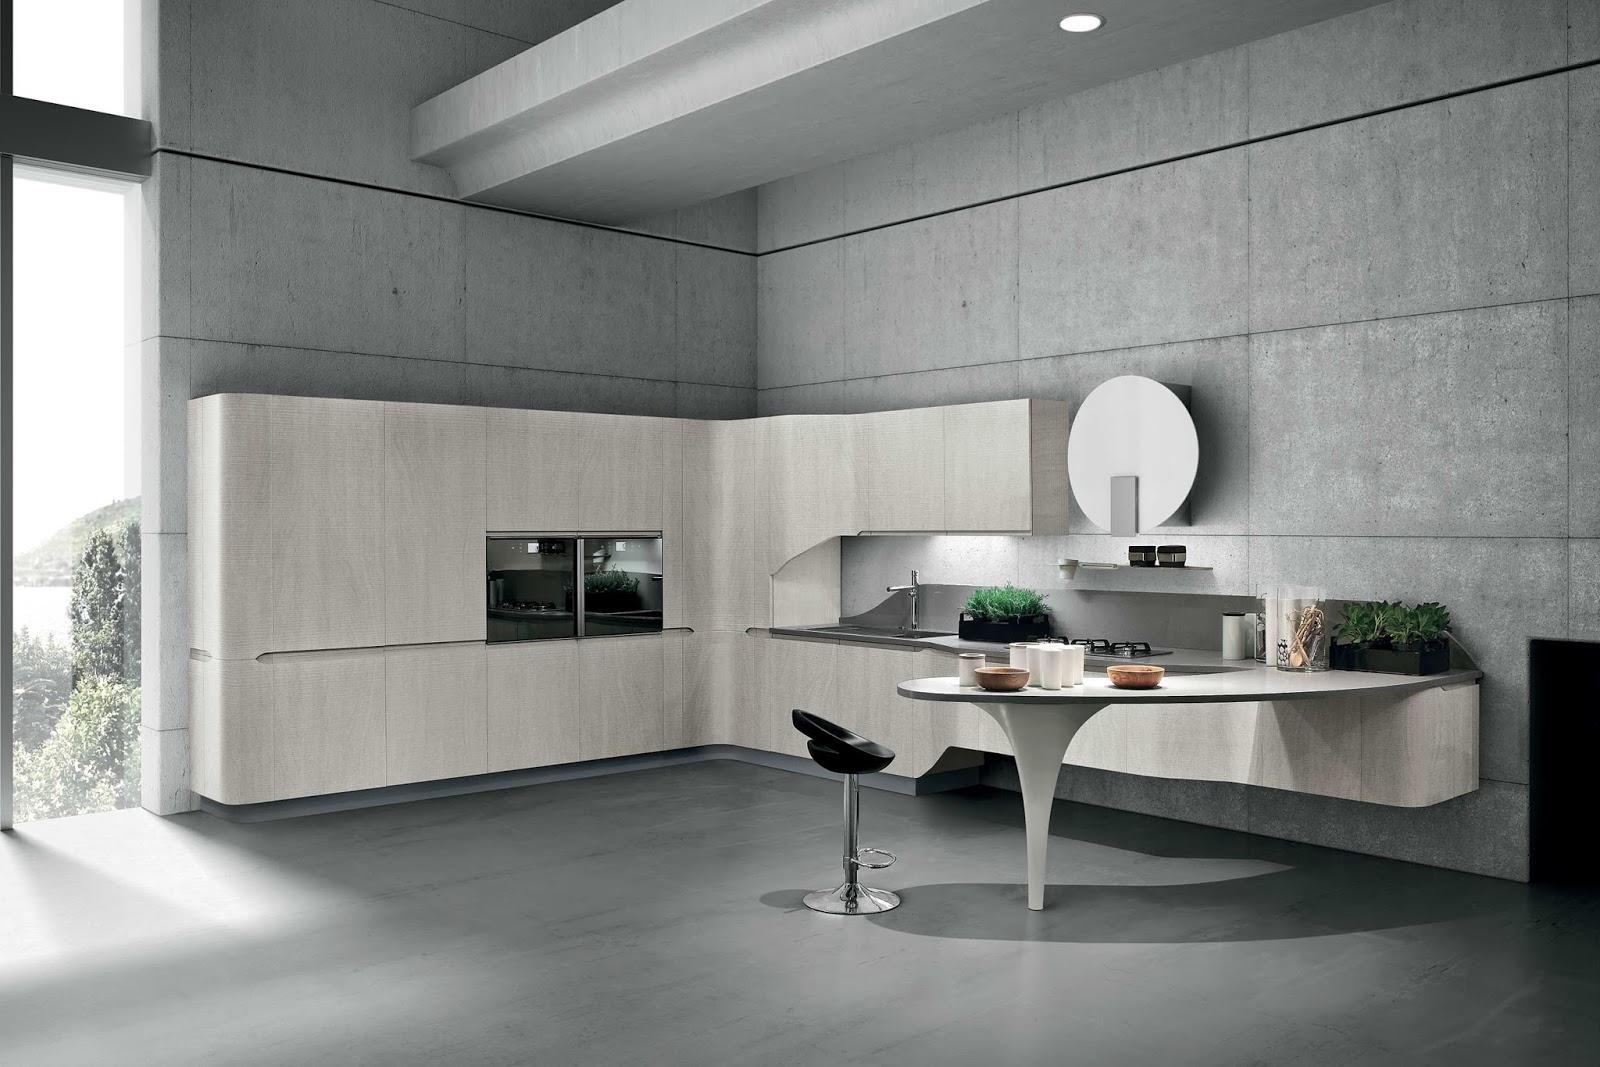 Cucine moderne le migliori soluzioni per arredare la tua for Cose di casa cucine